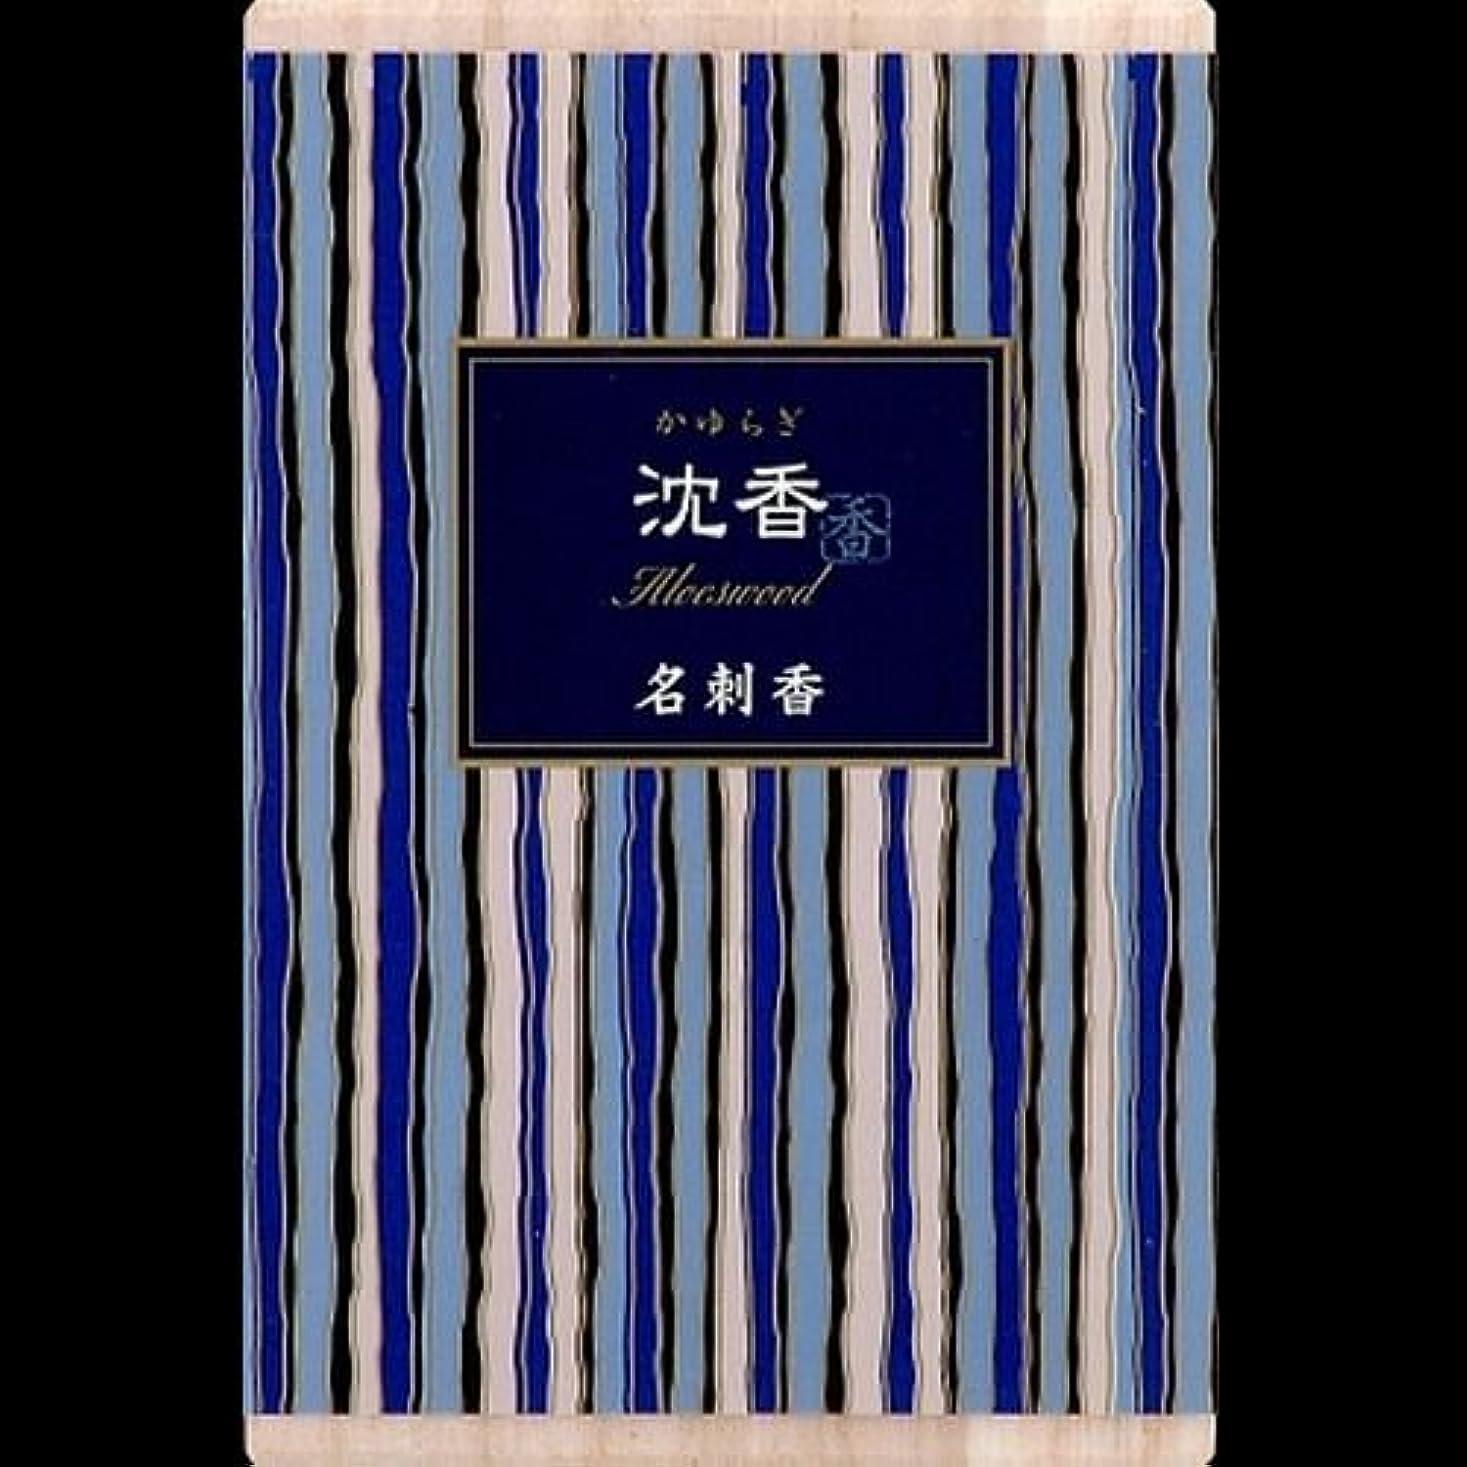 ウェーハかび臭いリスト【まとめ買い】かゆらぎ 沈香 名刺香 桐箱 6入 ×2セット